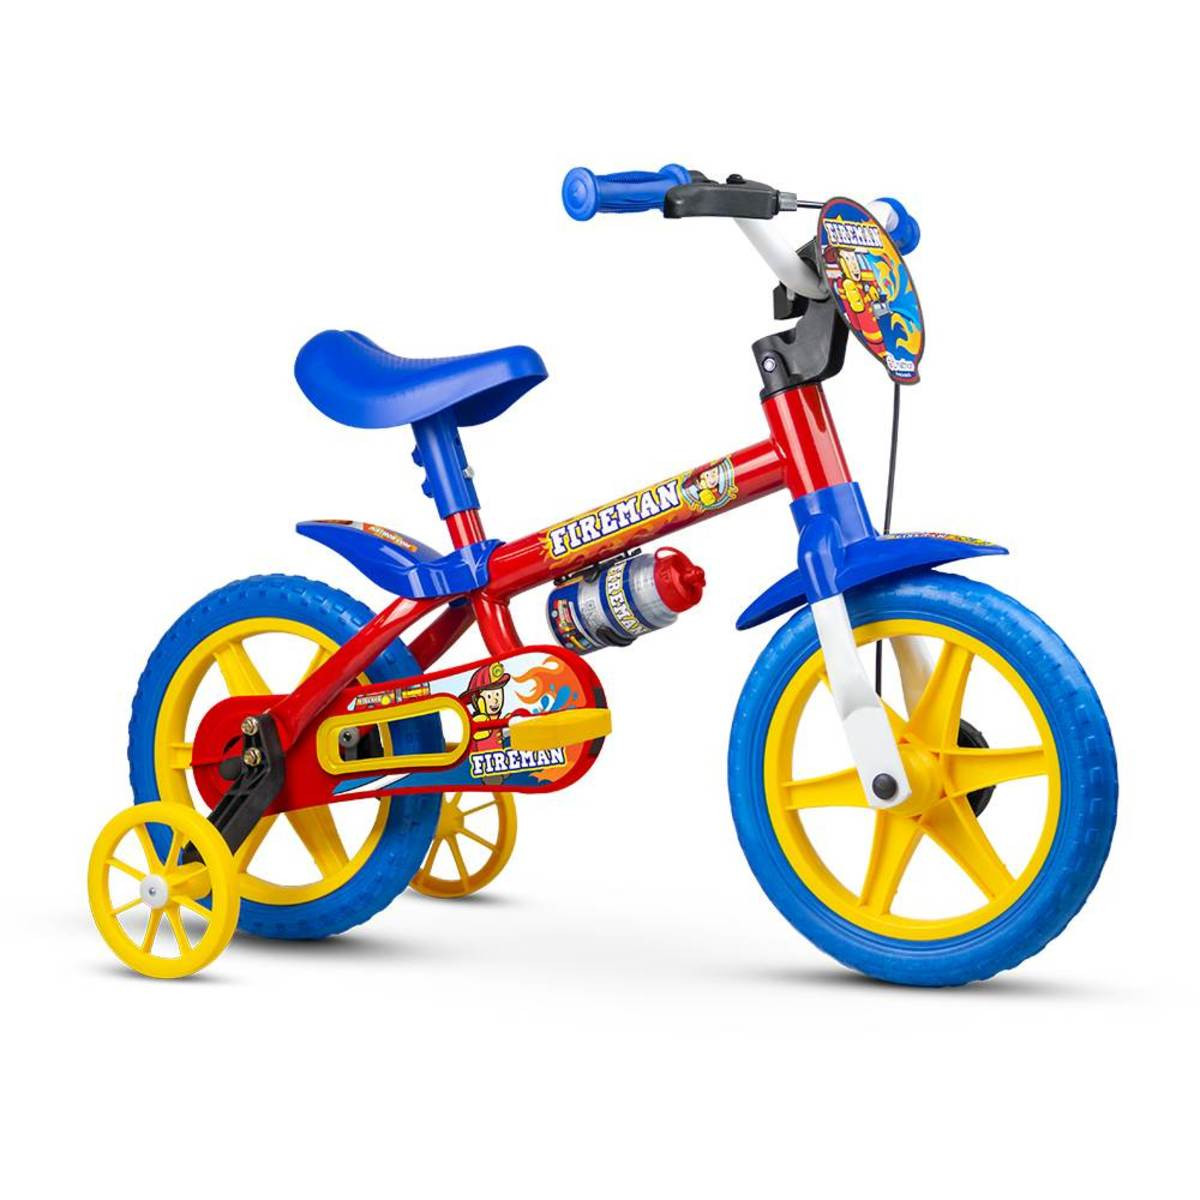 Bicicleta Infantil Nathor Aro12 Bombeiro Vermelha e Azul